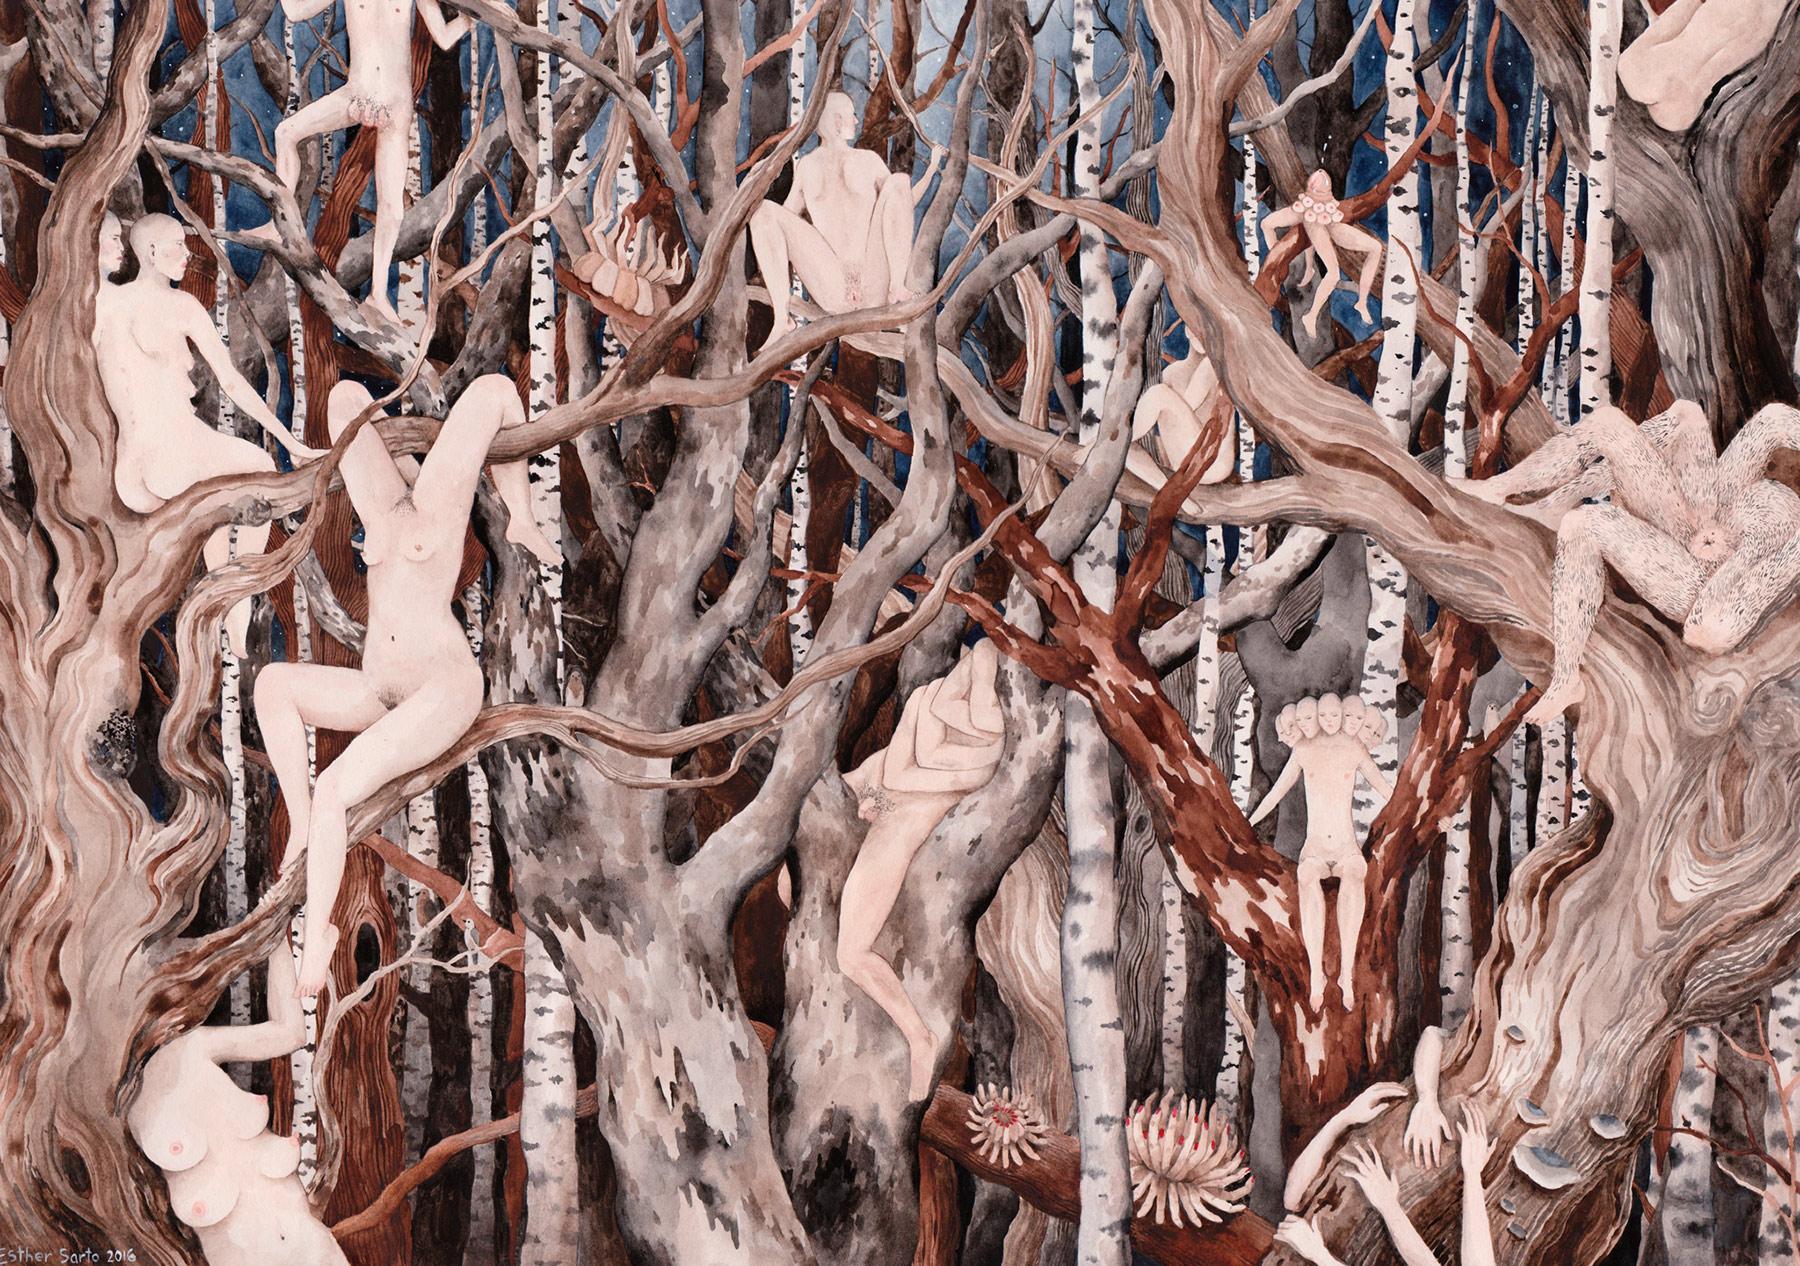 kunsttryk, gliceé, æstetiske, figurative, landskab, portræt, kroppe, botanik, natur, seksualitet, beige, brune, hvide, blæk, papir, erotiske, blomster, mænd, planter, sceneri, seksuel, Køb original kunst og kunstplakater. Malerier, tegninger, limited edition kunsttryk & plakater af dygtige kunstnere.